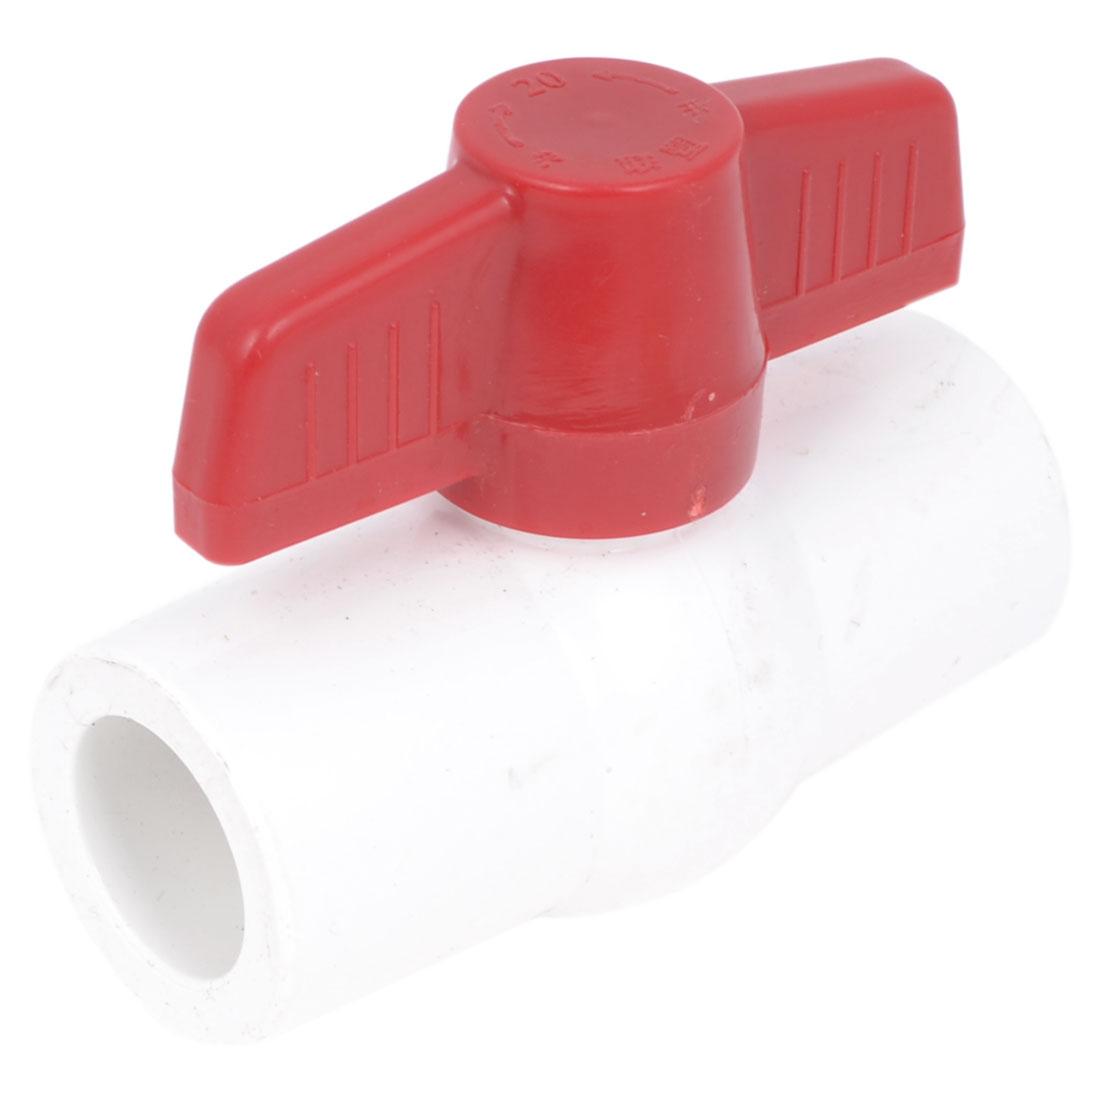 Plumbing 20mm Slip x 20mm Non-Slip Red T Handle White Full Port PVC-U Ball Valve Socket